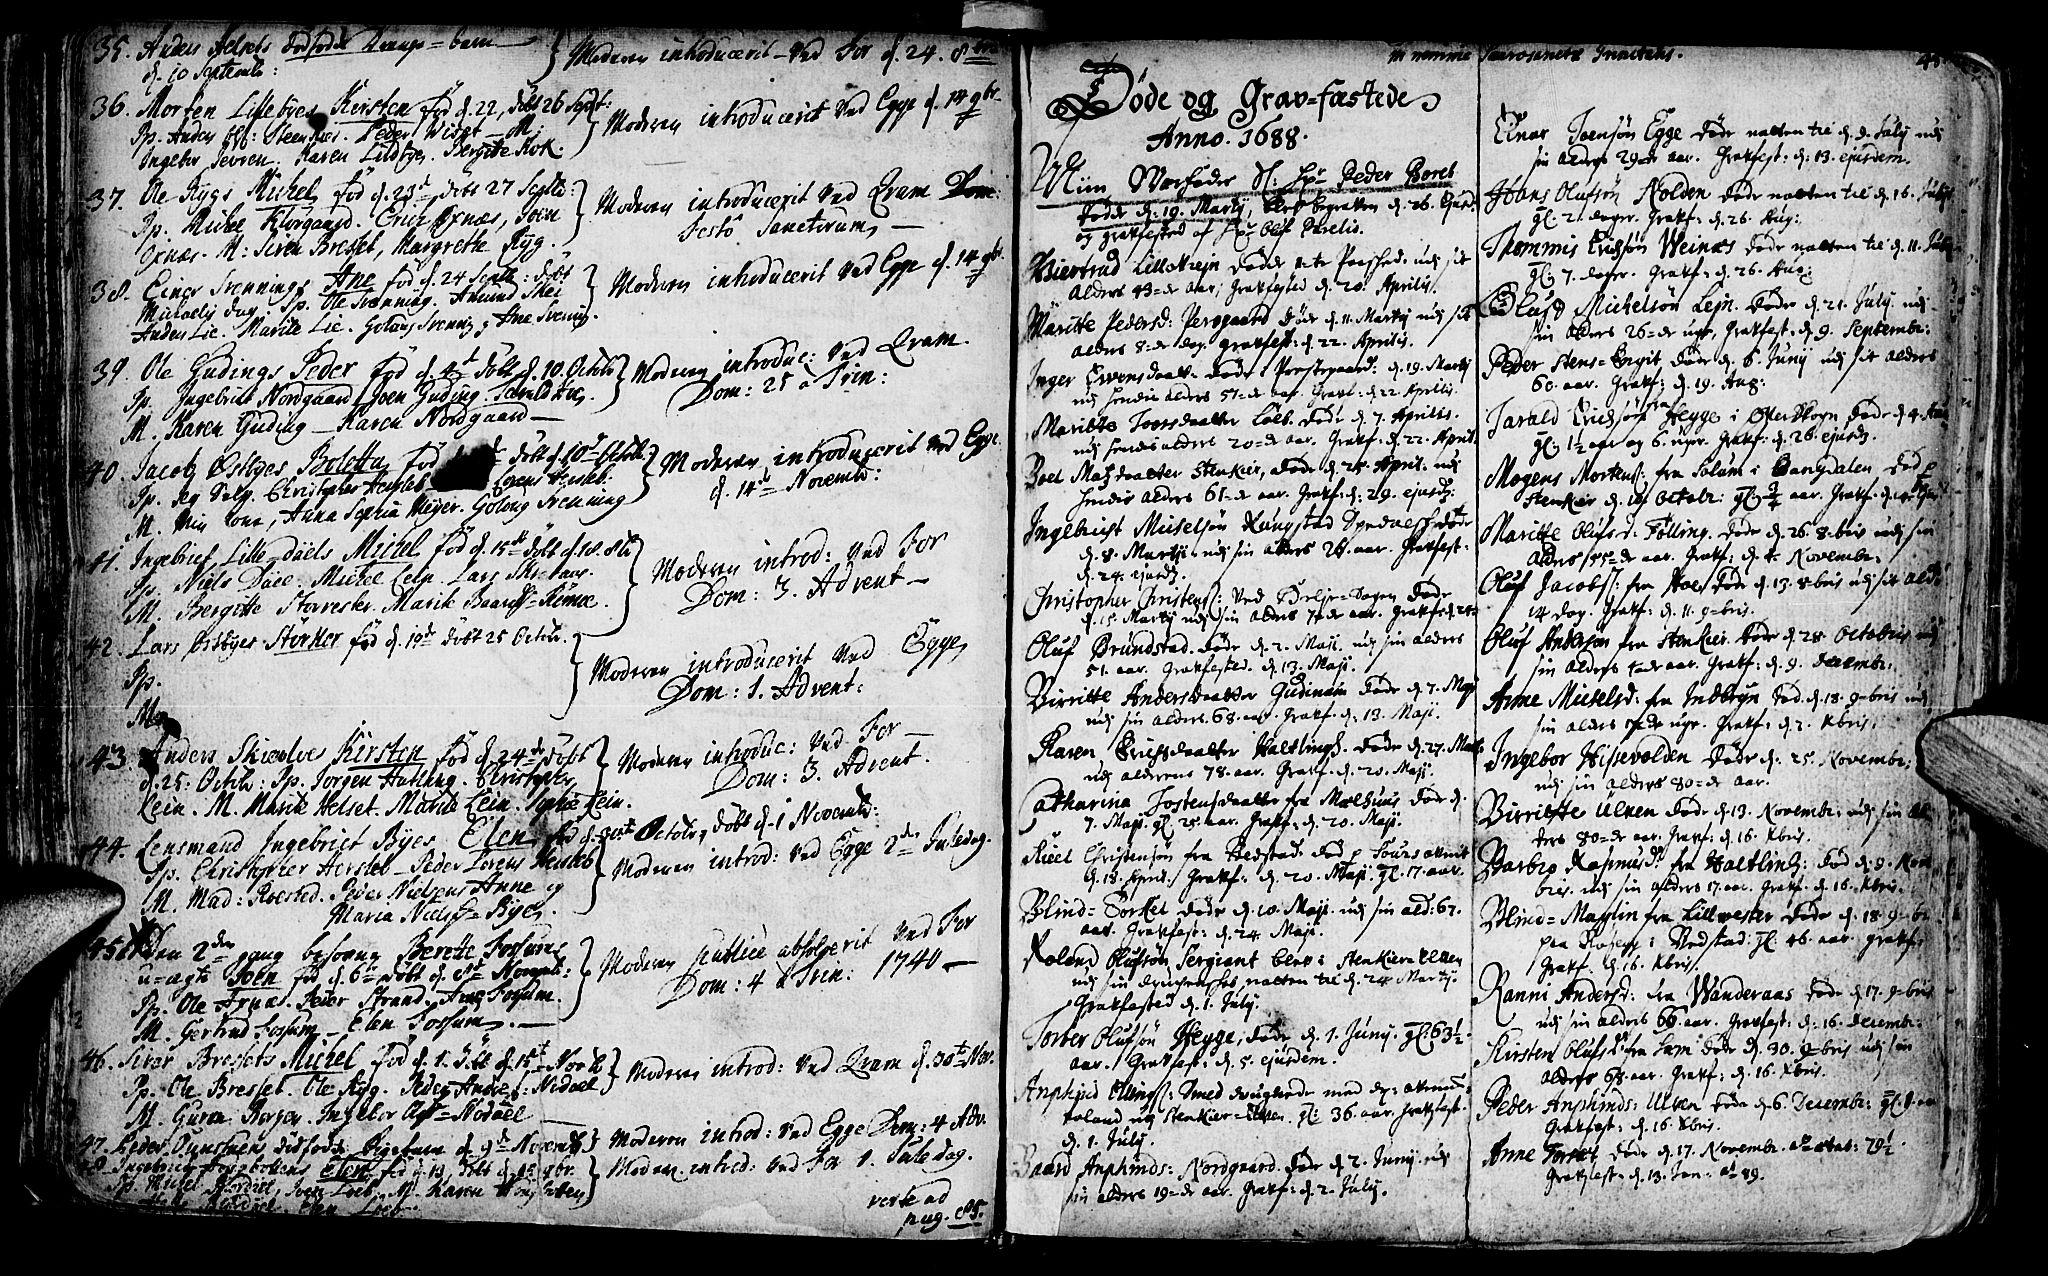 SAT, Ministerialprotokoller, klokkerbøker og fødselsregistre - Nord-Trøndelag, 746/L0439: Ministerialbok nr. 746A01, 1688-1759, s. 48